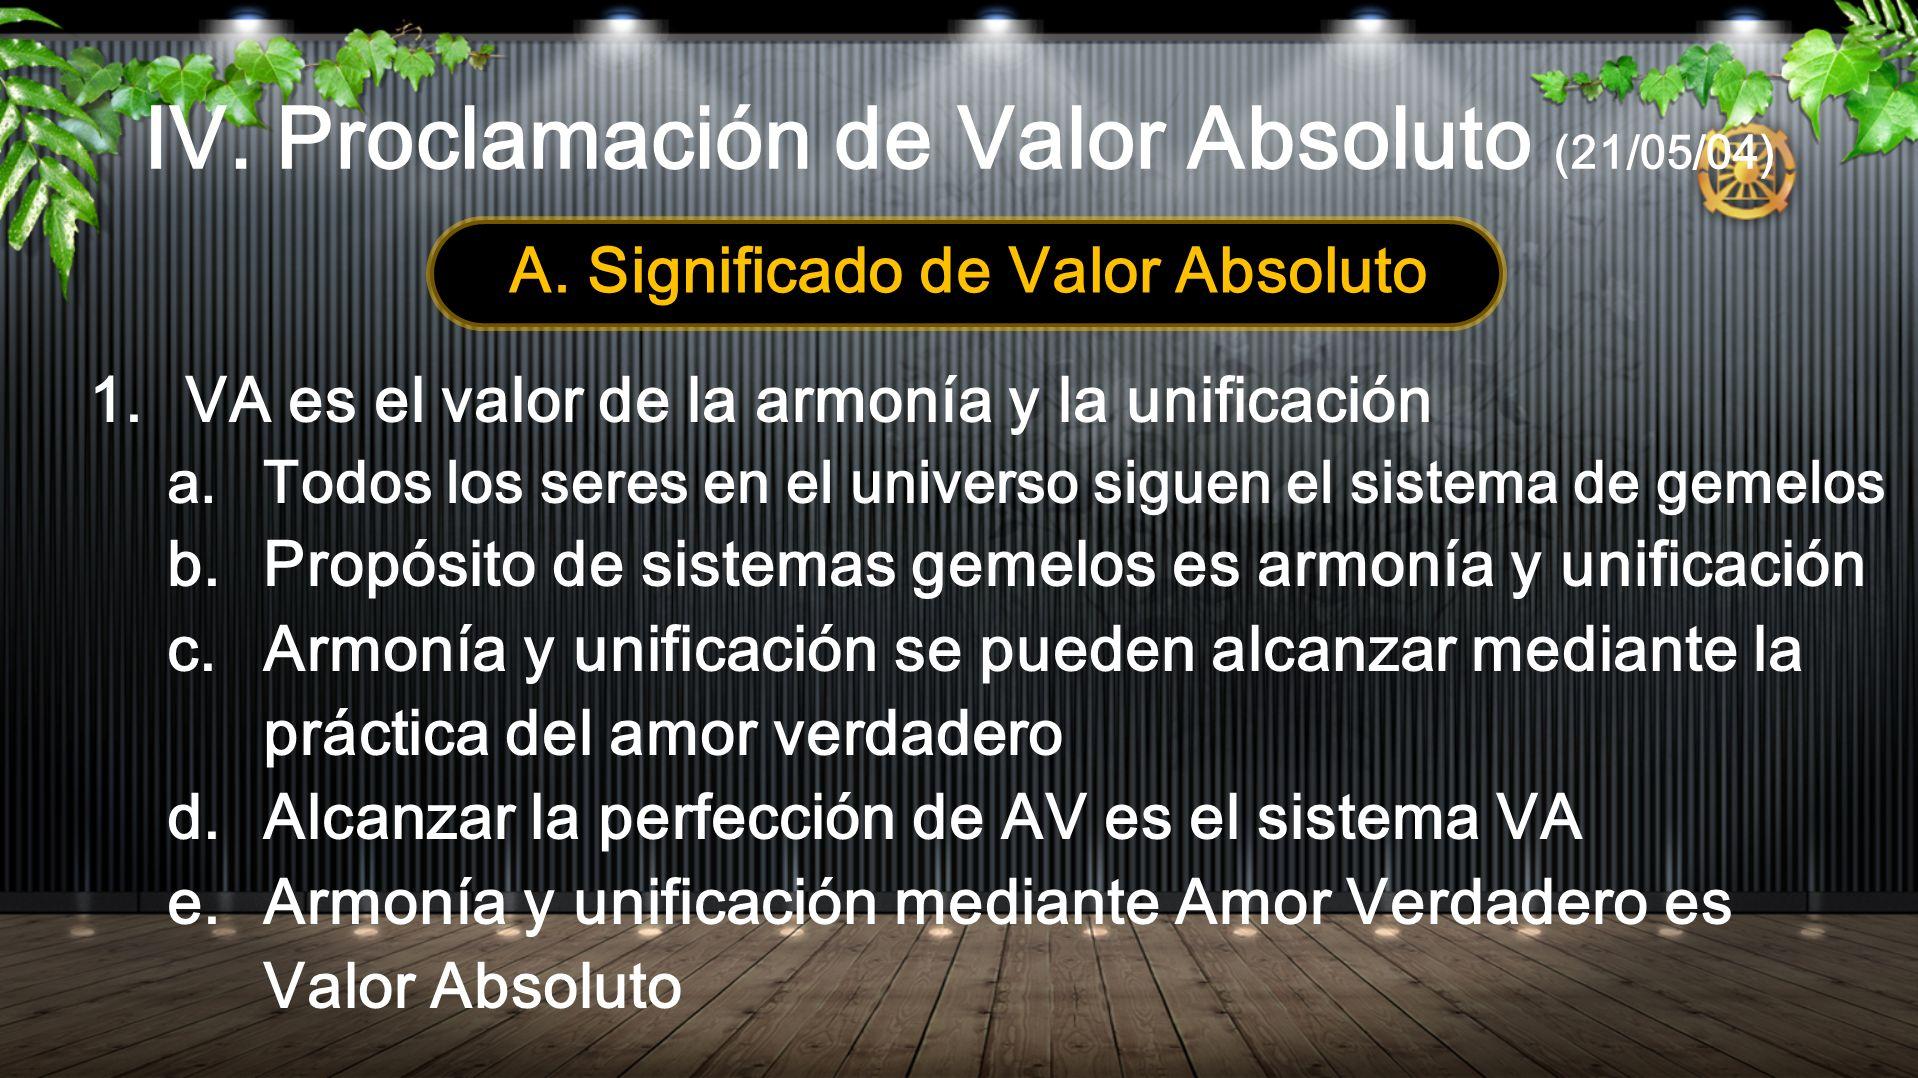 IV. Proclamación de Valor Absoluto (21/05/04) A. Significado de Valor Absoluto 1.VA es el valor de la armonía y la unificación a. Todos los seres en e